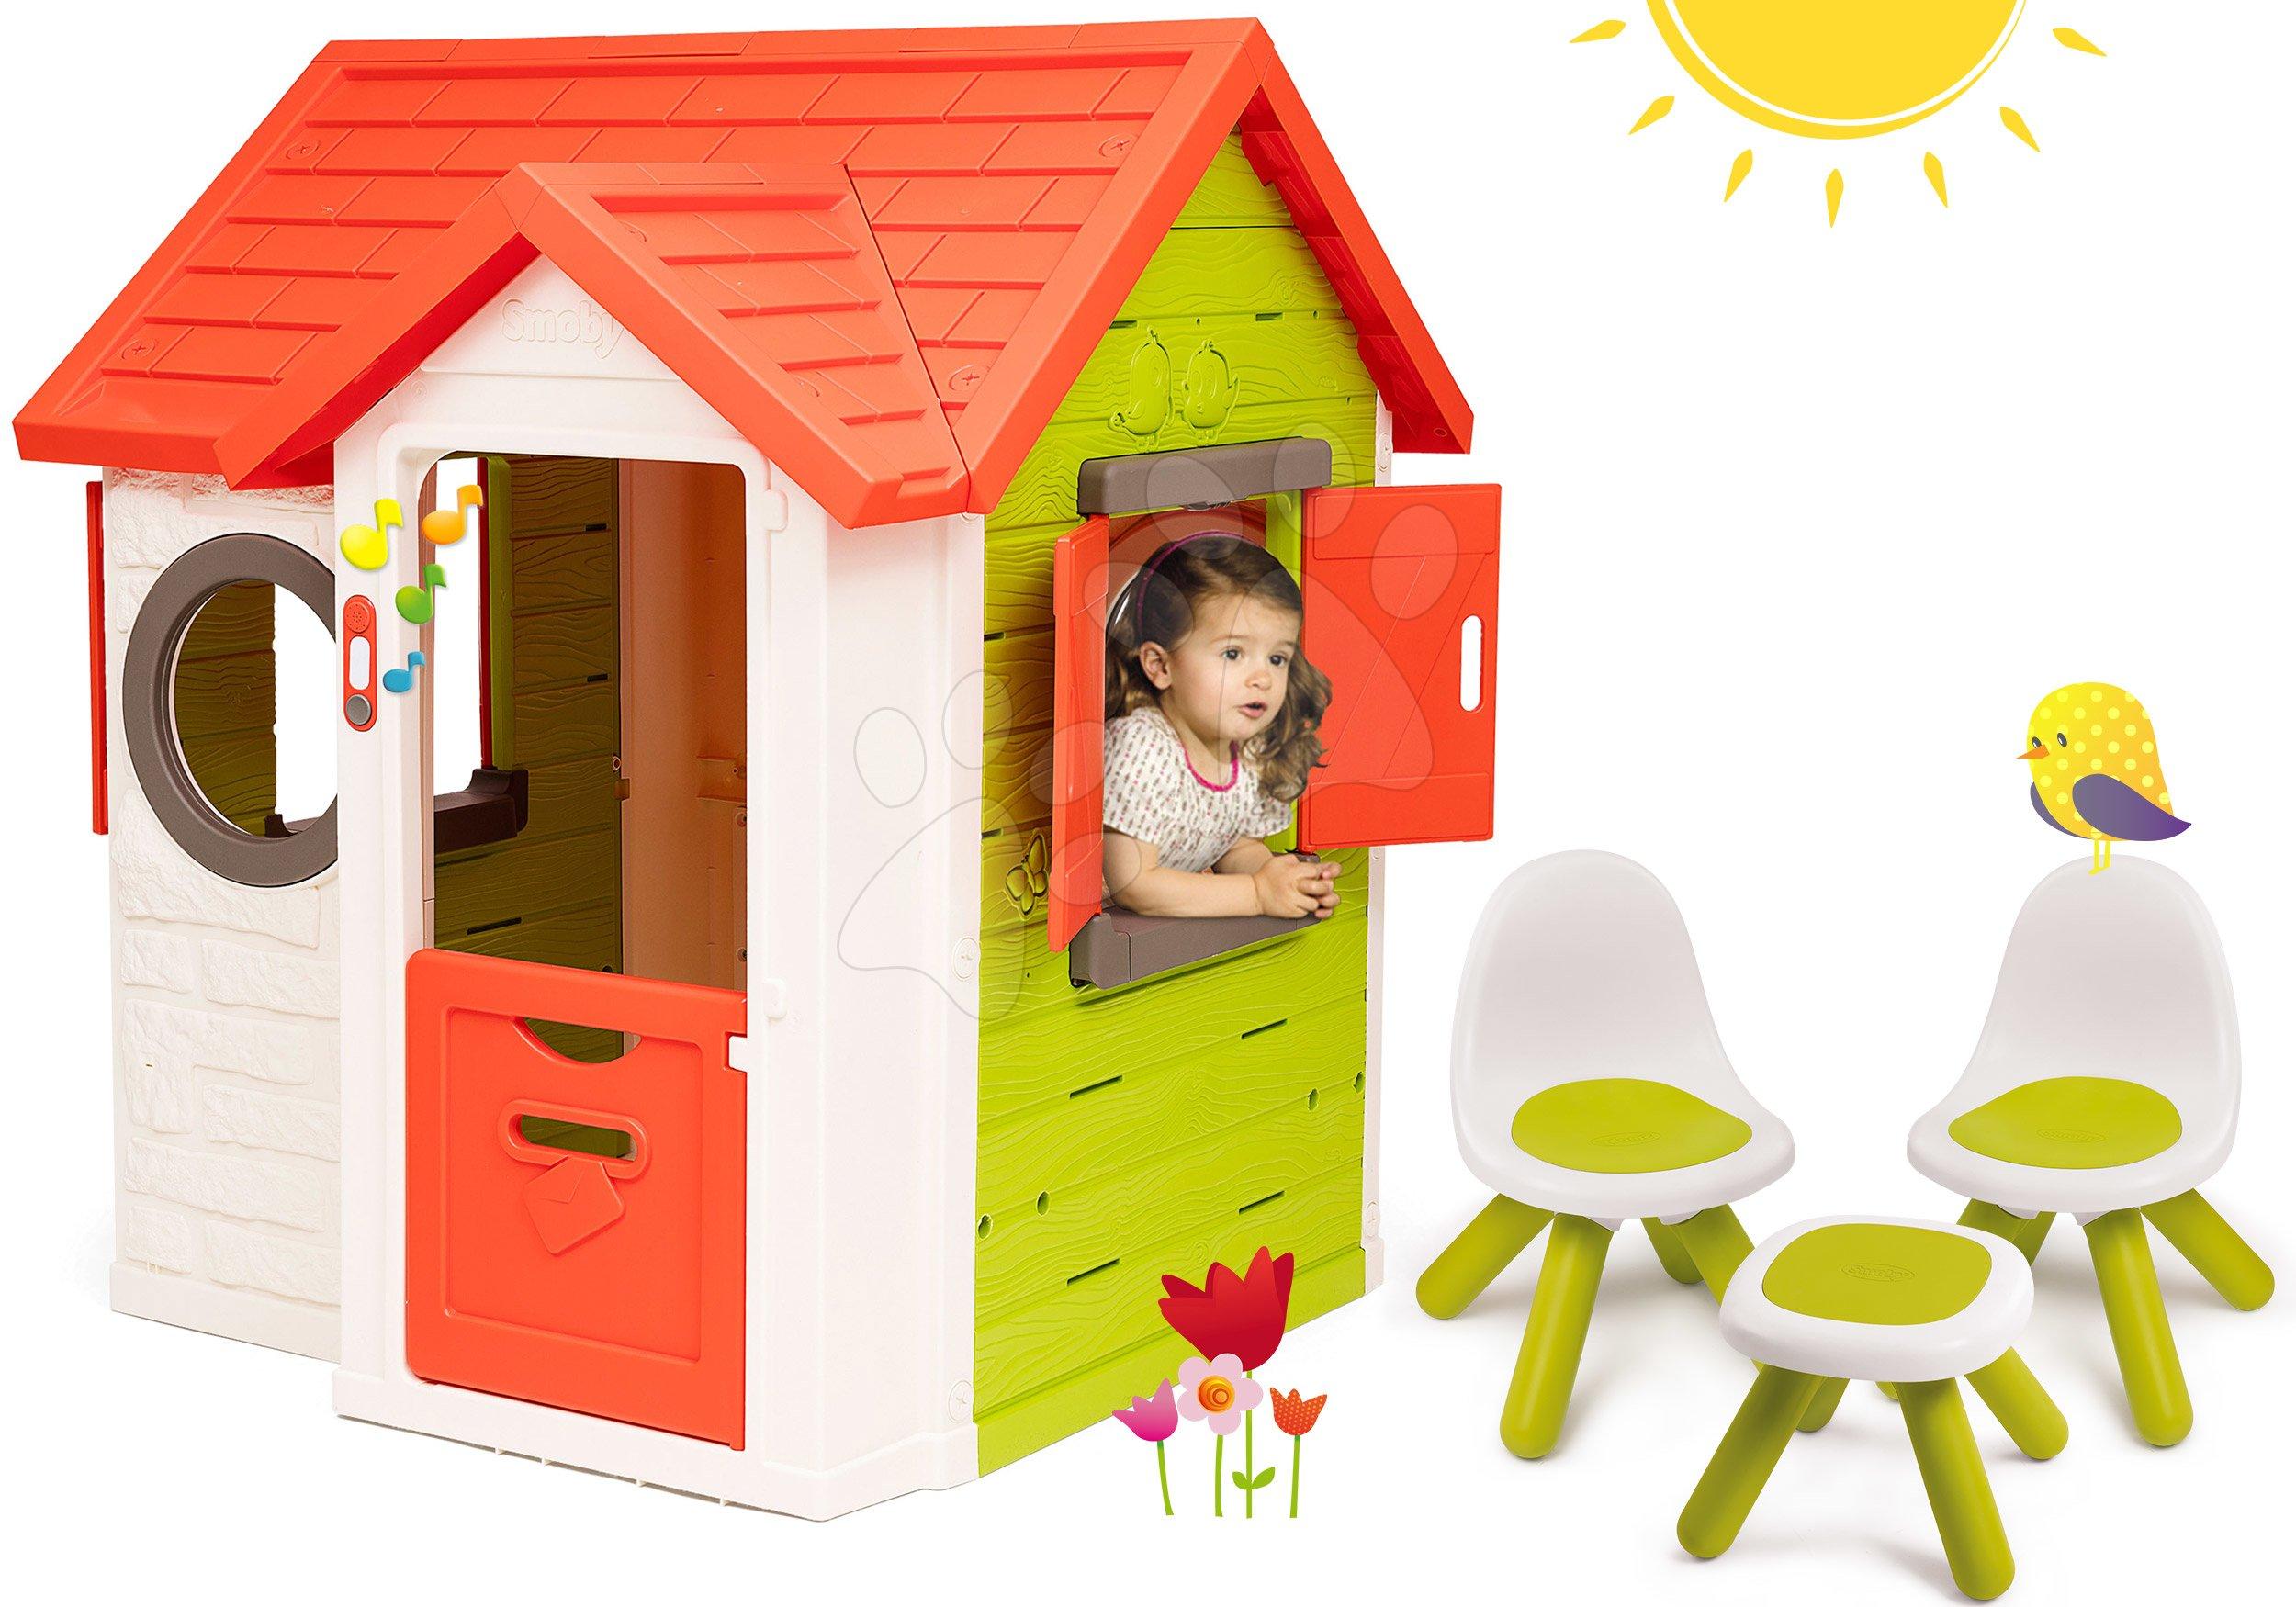 Szett házikó My Neo House DeLuxe Smoby csengővel, 2 ajtóval és 2 kisszék és kisasztal KidChair 24 hó-tól